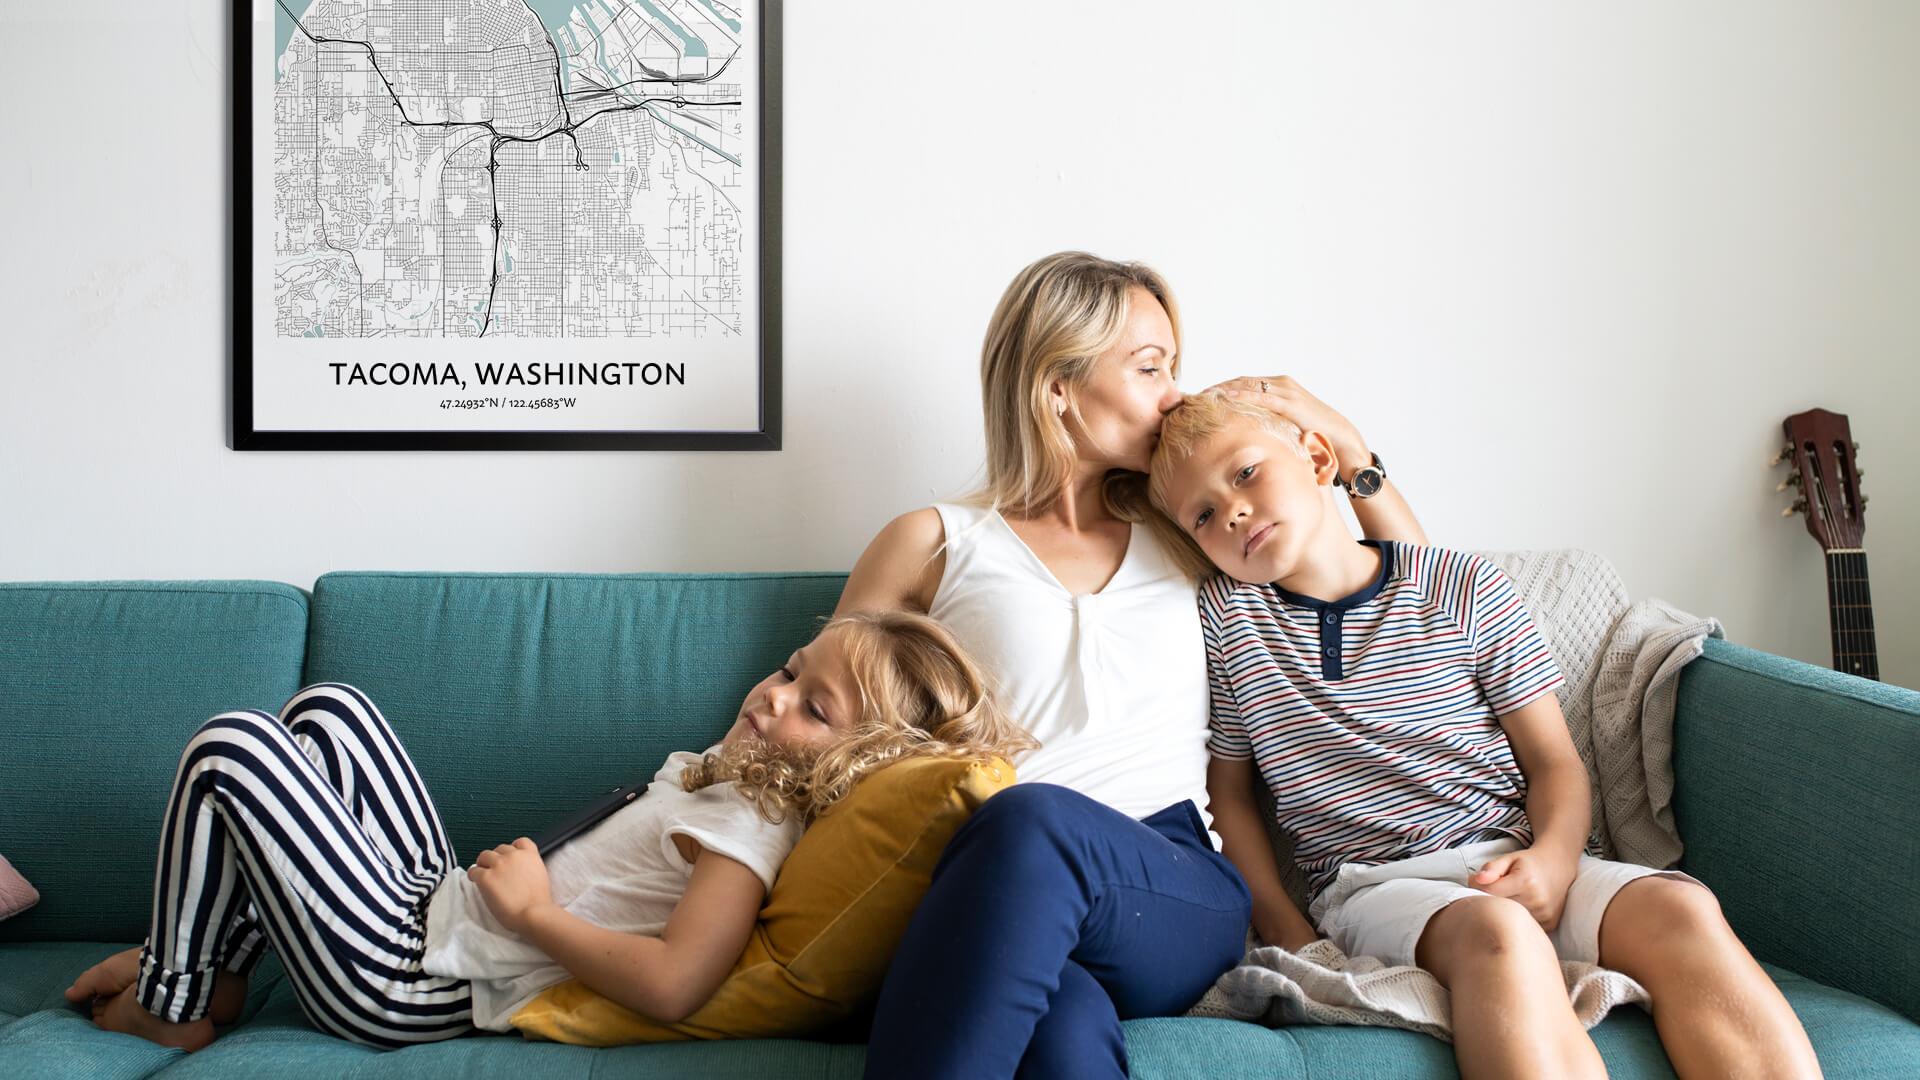 Tacoma map poster